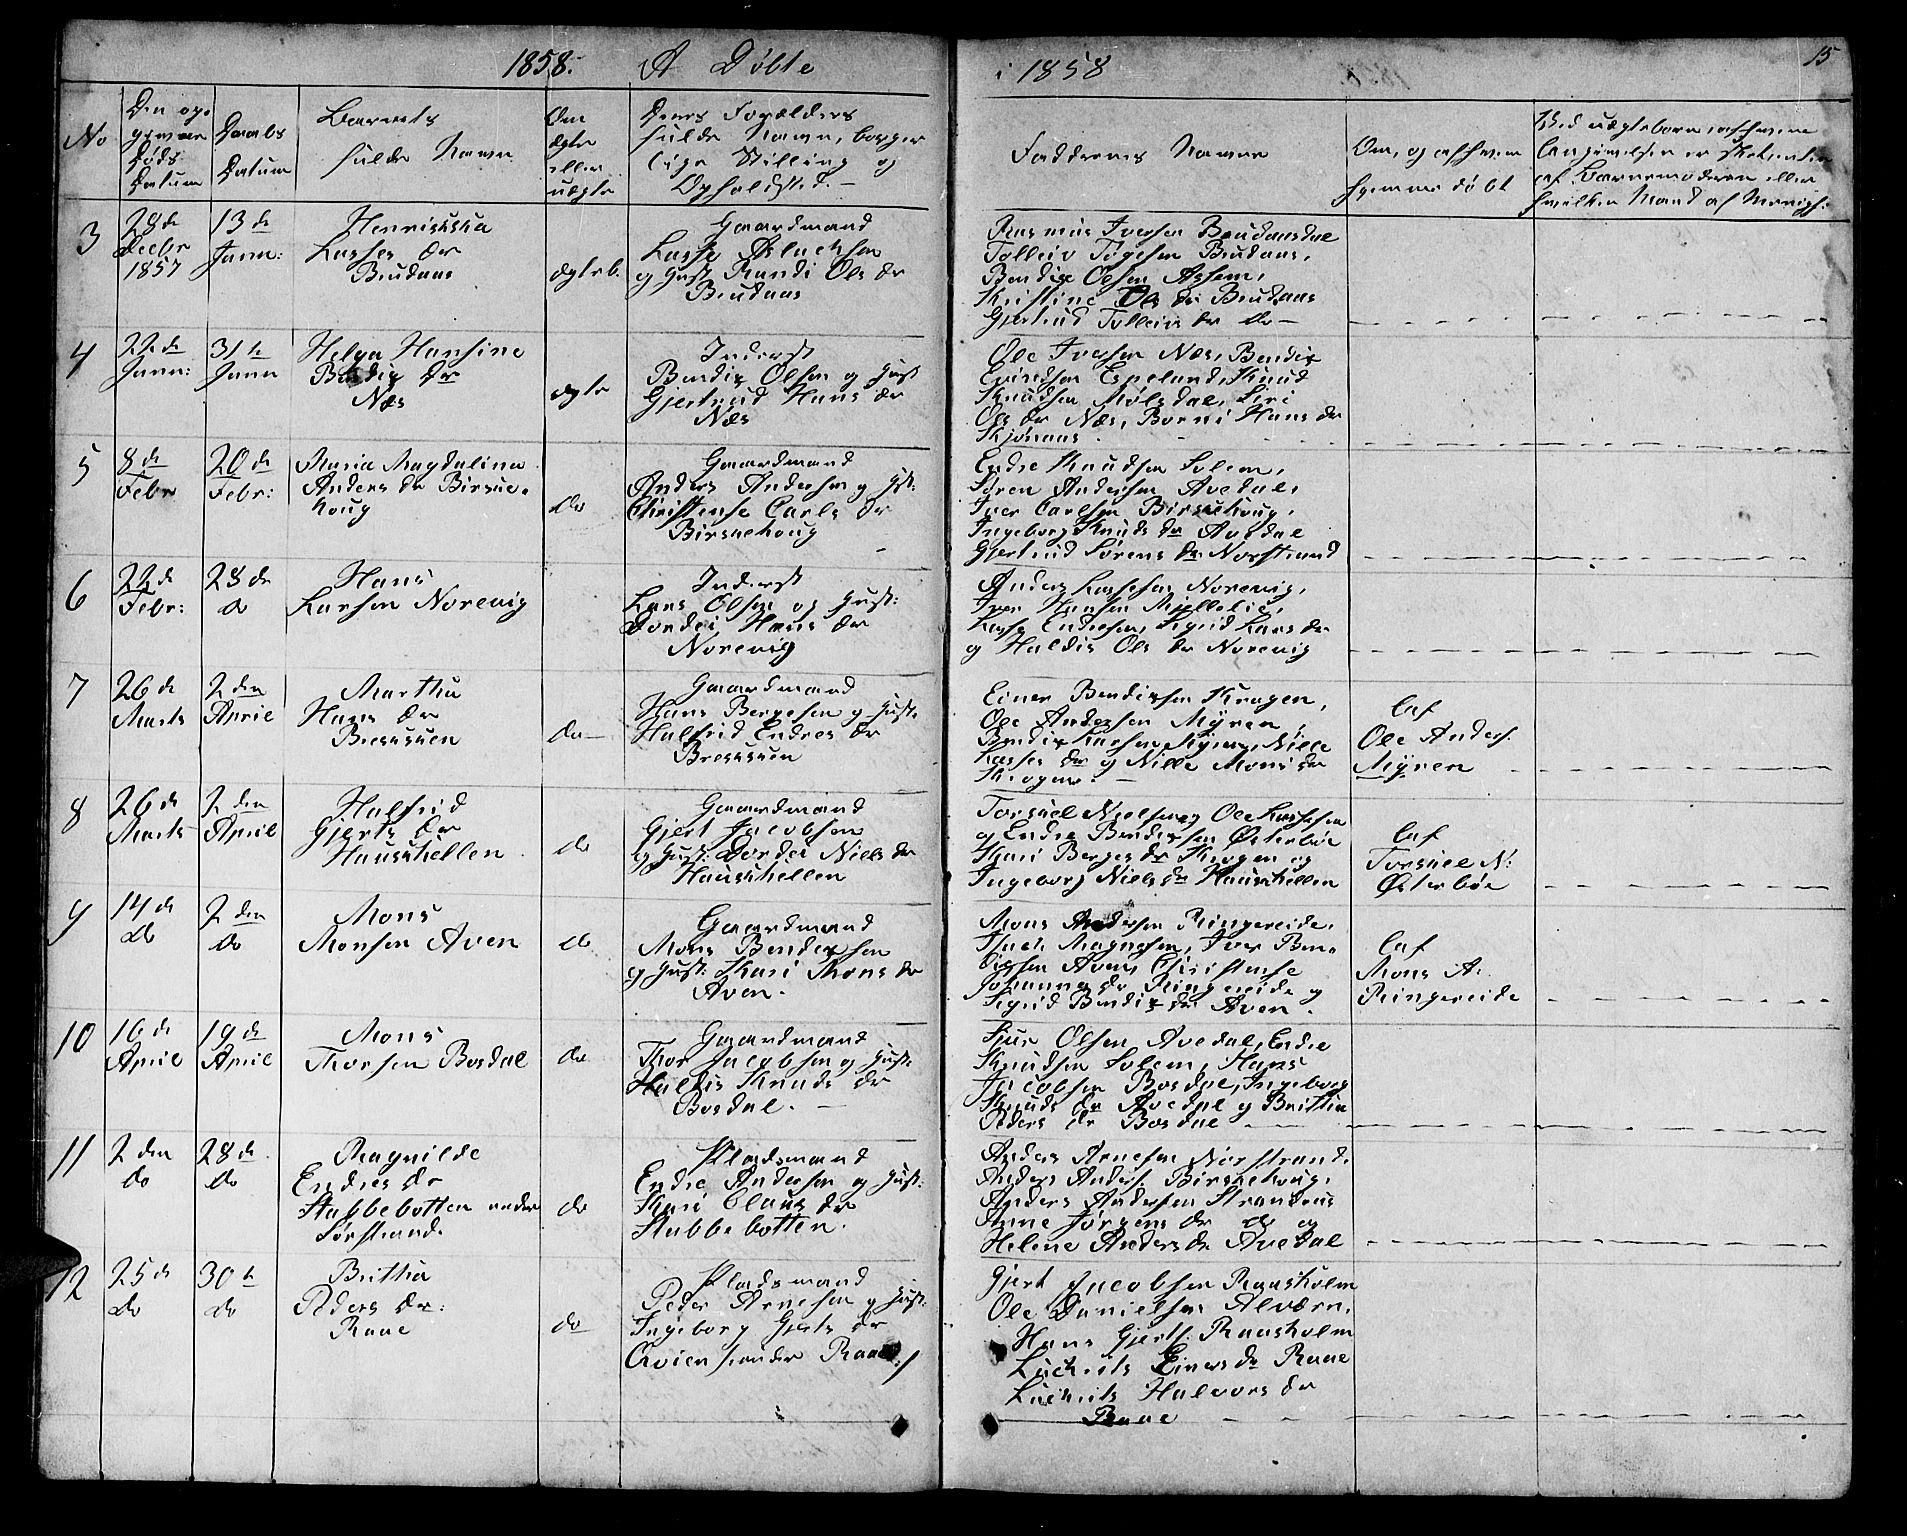 SAB, Lavik sokneprestembete, Parish register (copy) no. A 1, 1854-1881, p. 15